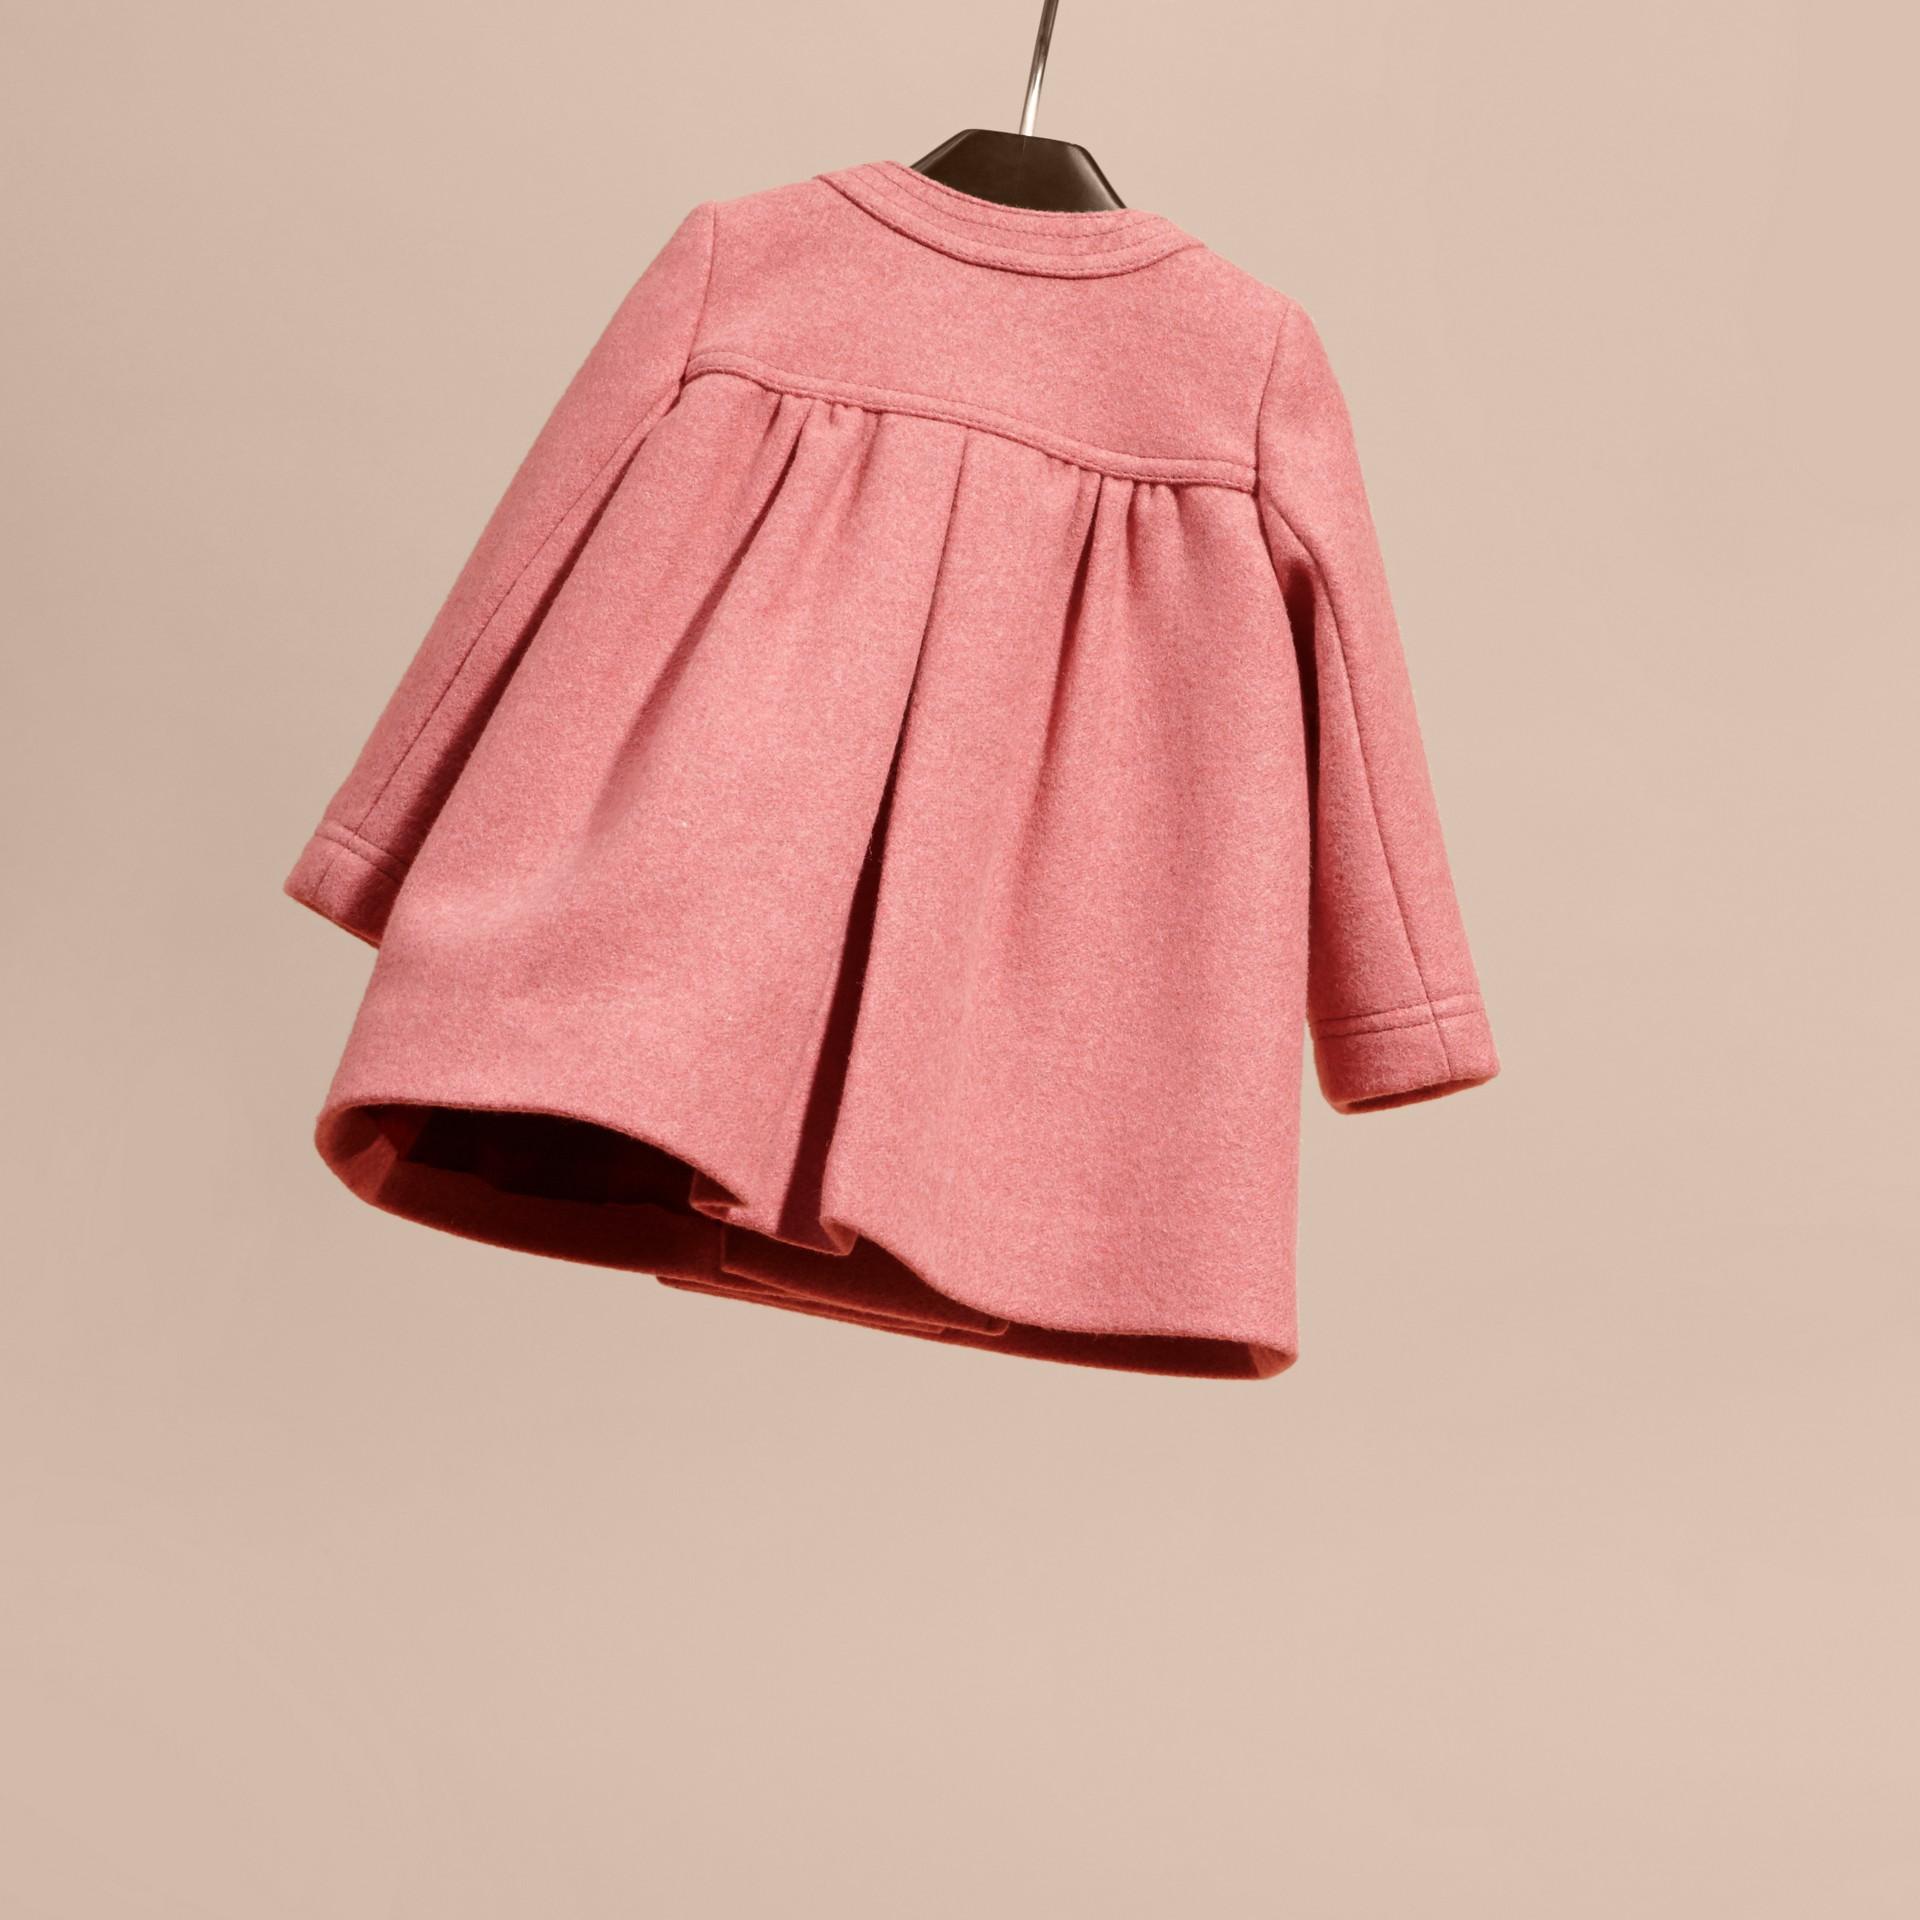 Розовый пион, меланж Пальто с декоративным бантом - изображение 4